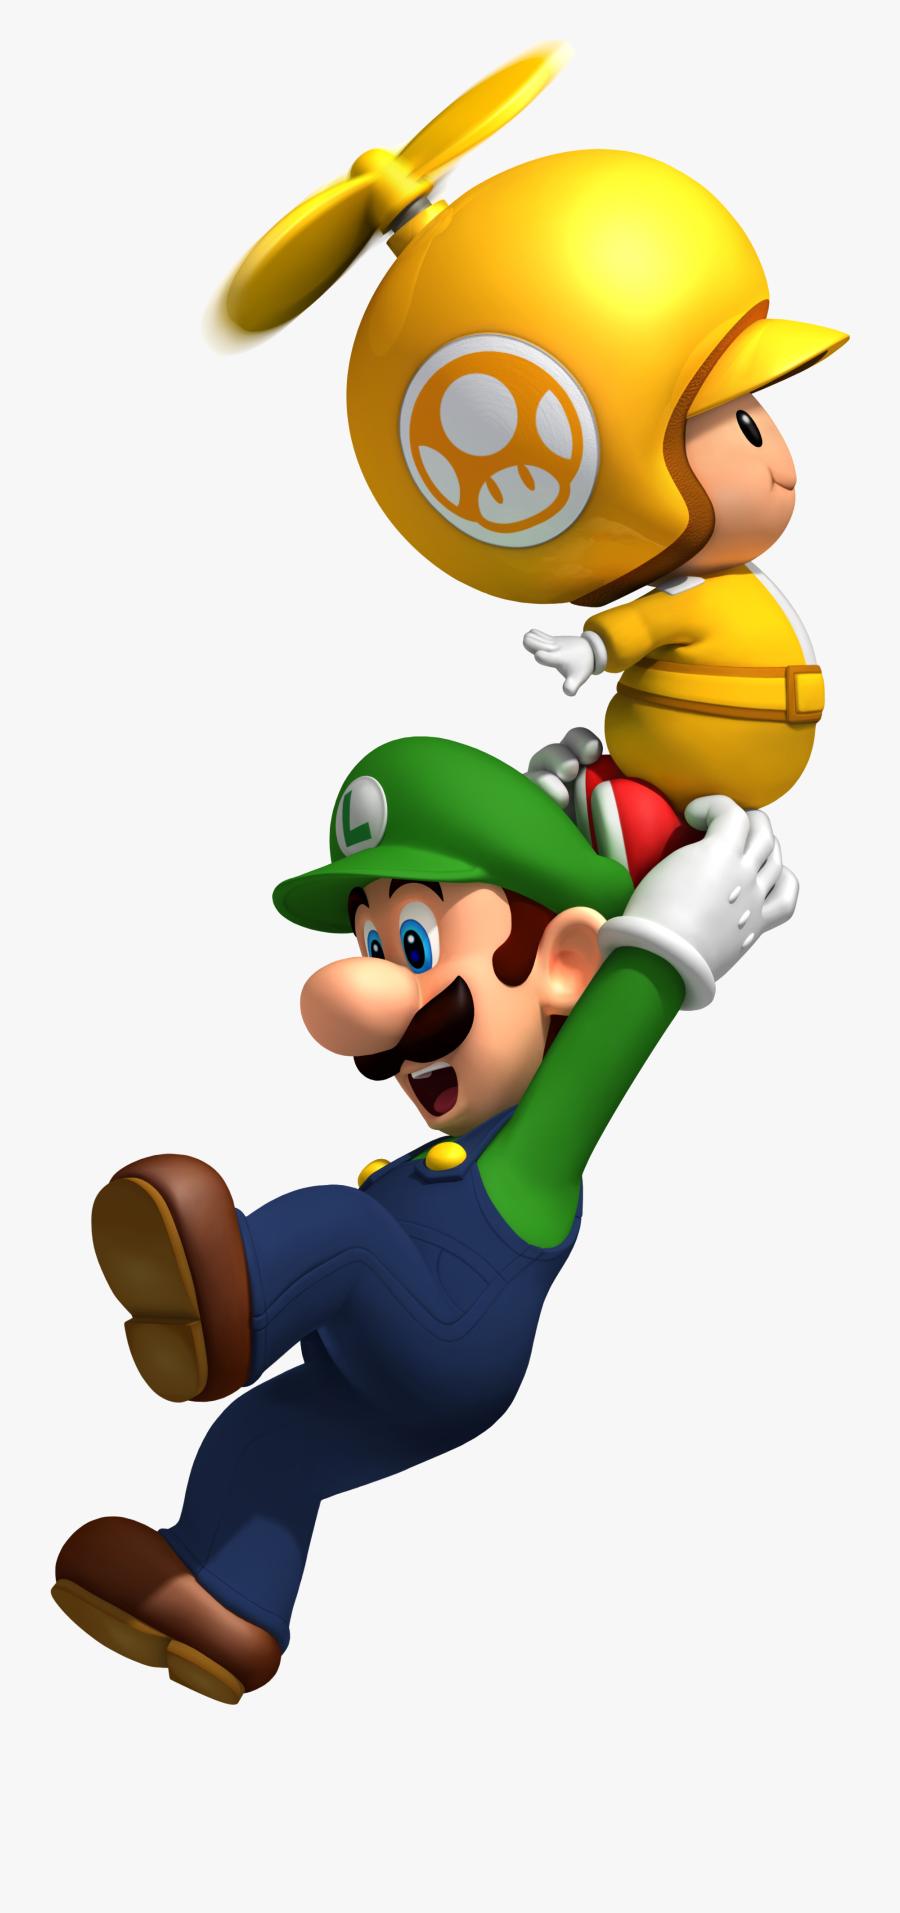 New Super Mario Bros - New Super Mario Bros Wii Flying, Transparent Clipart